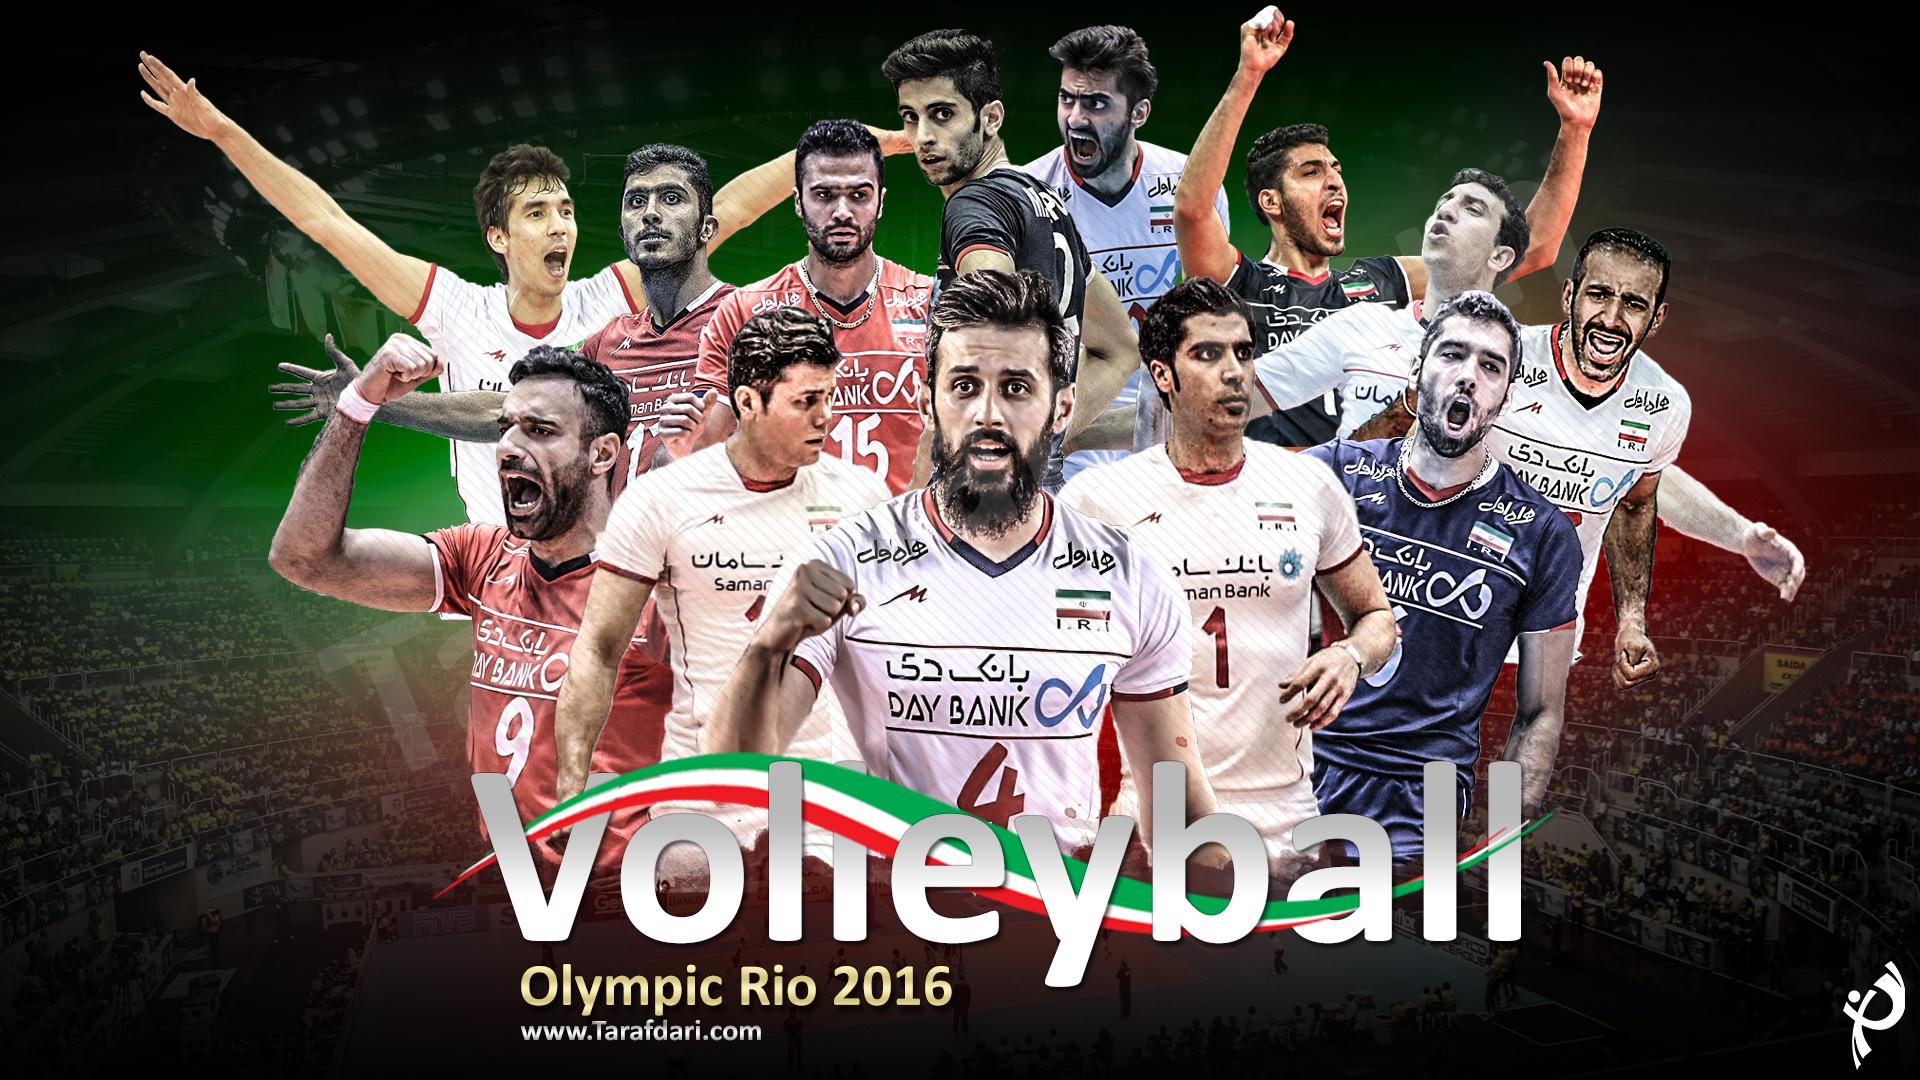 لیگ جهانی والیبال 2016؛ تحلیل عملکرد نفر به نفر بازیکنان تیم ملی والیبال ایران